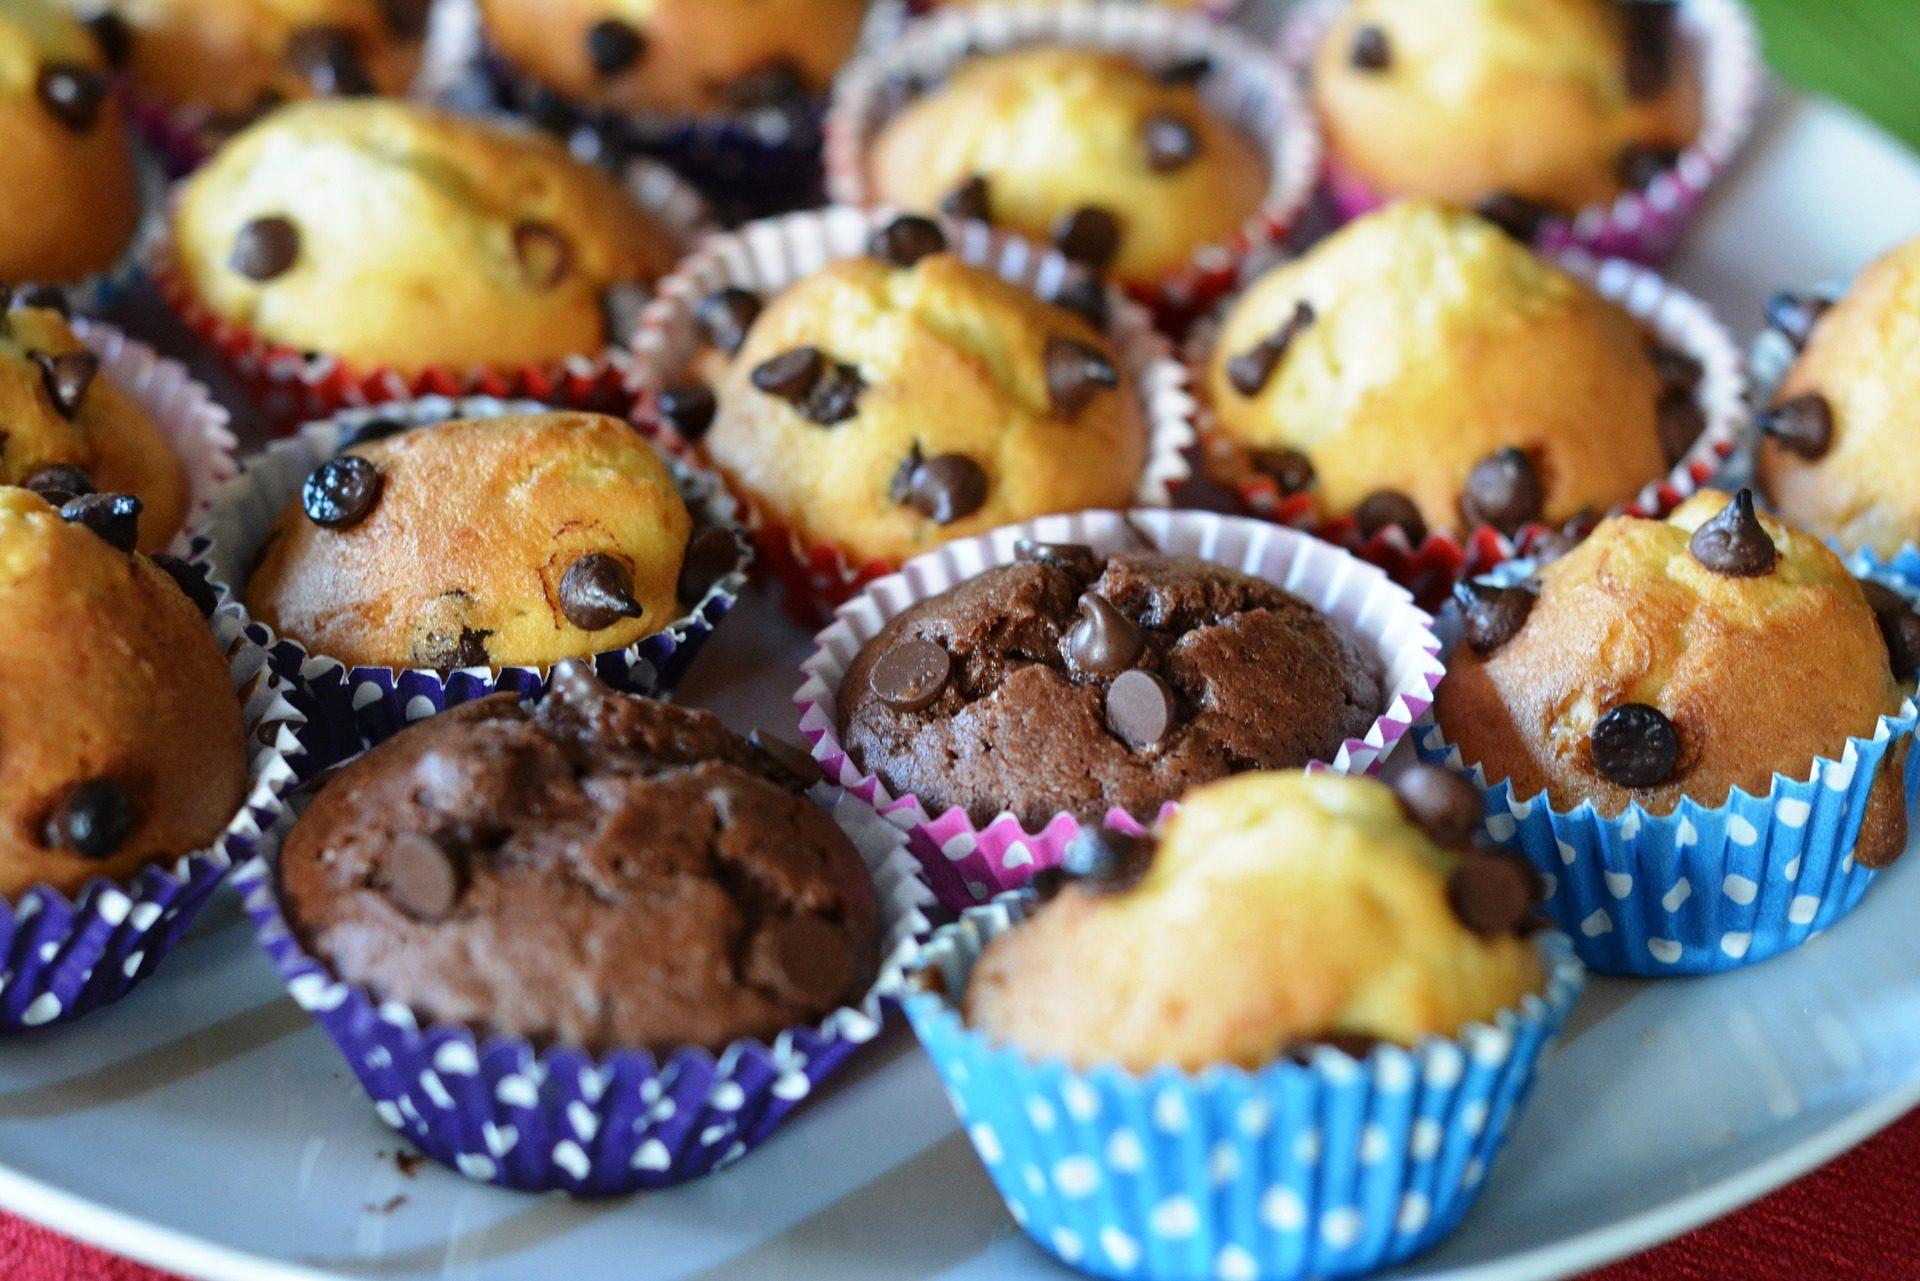 magdalenas, cupcakes, chocolate, Pepitas, doce, sobremesas - Papéis de parede HD - Professor-falken.com